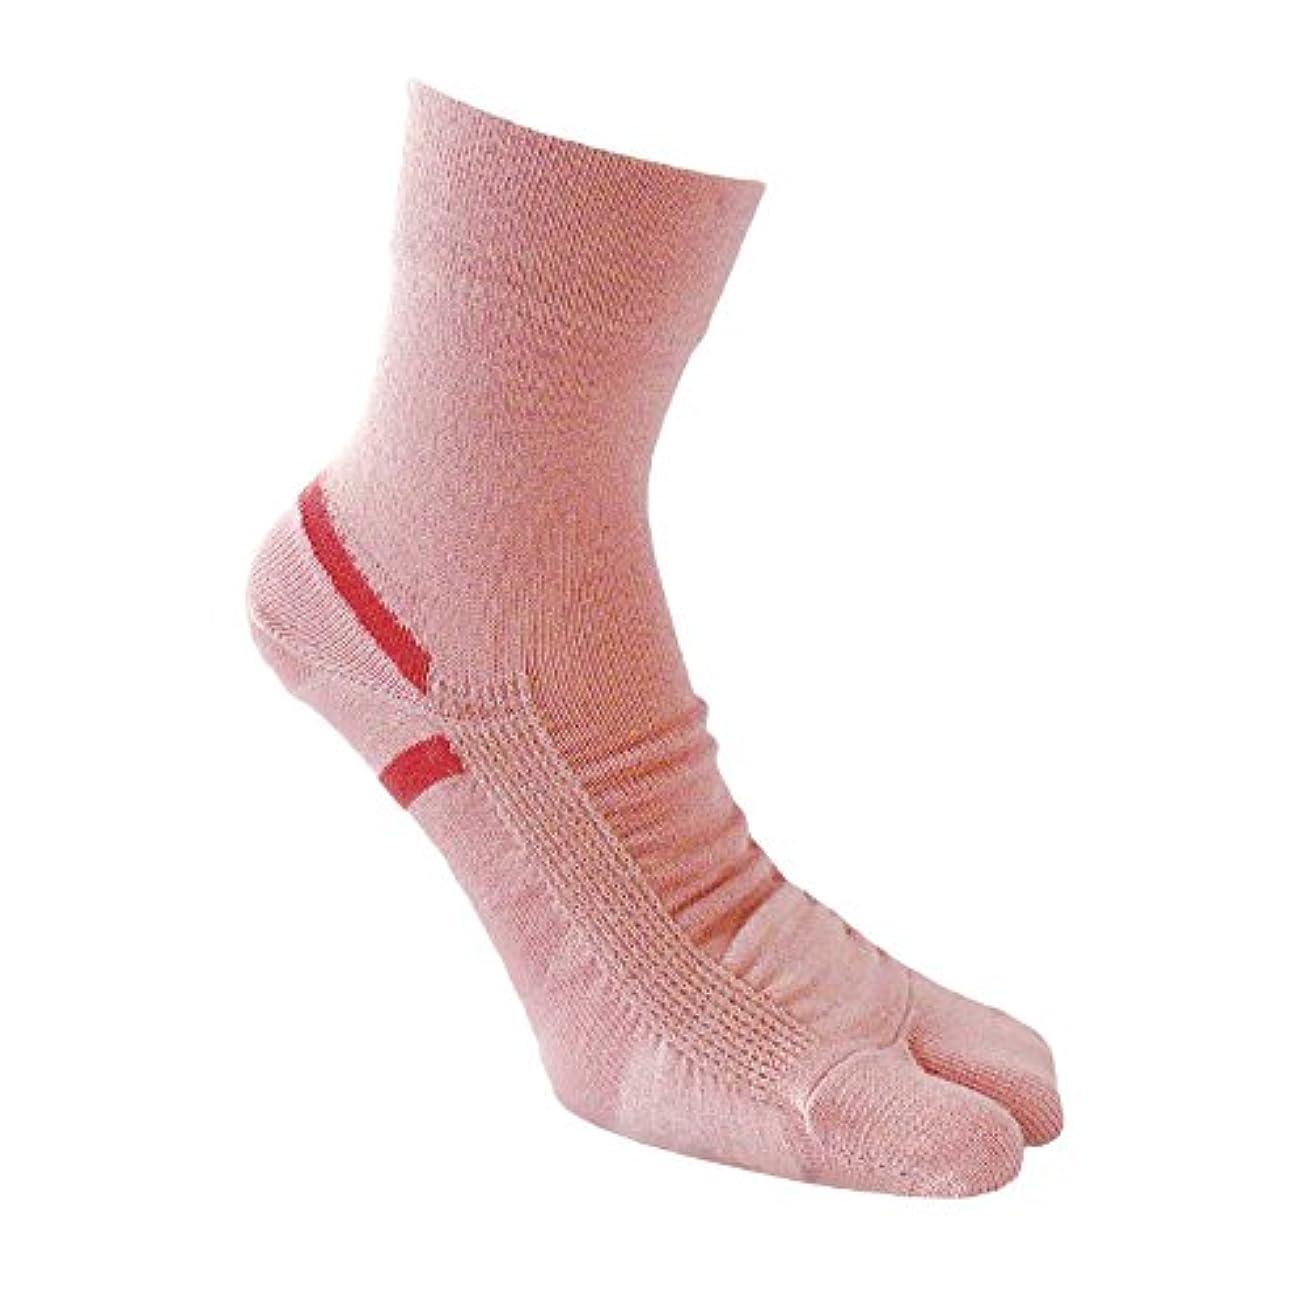 立証する特許通行料金bonbone つま先サポートソックス 女性用  ピンク 22-25cm